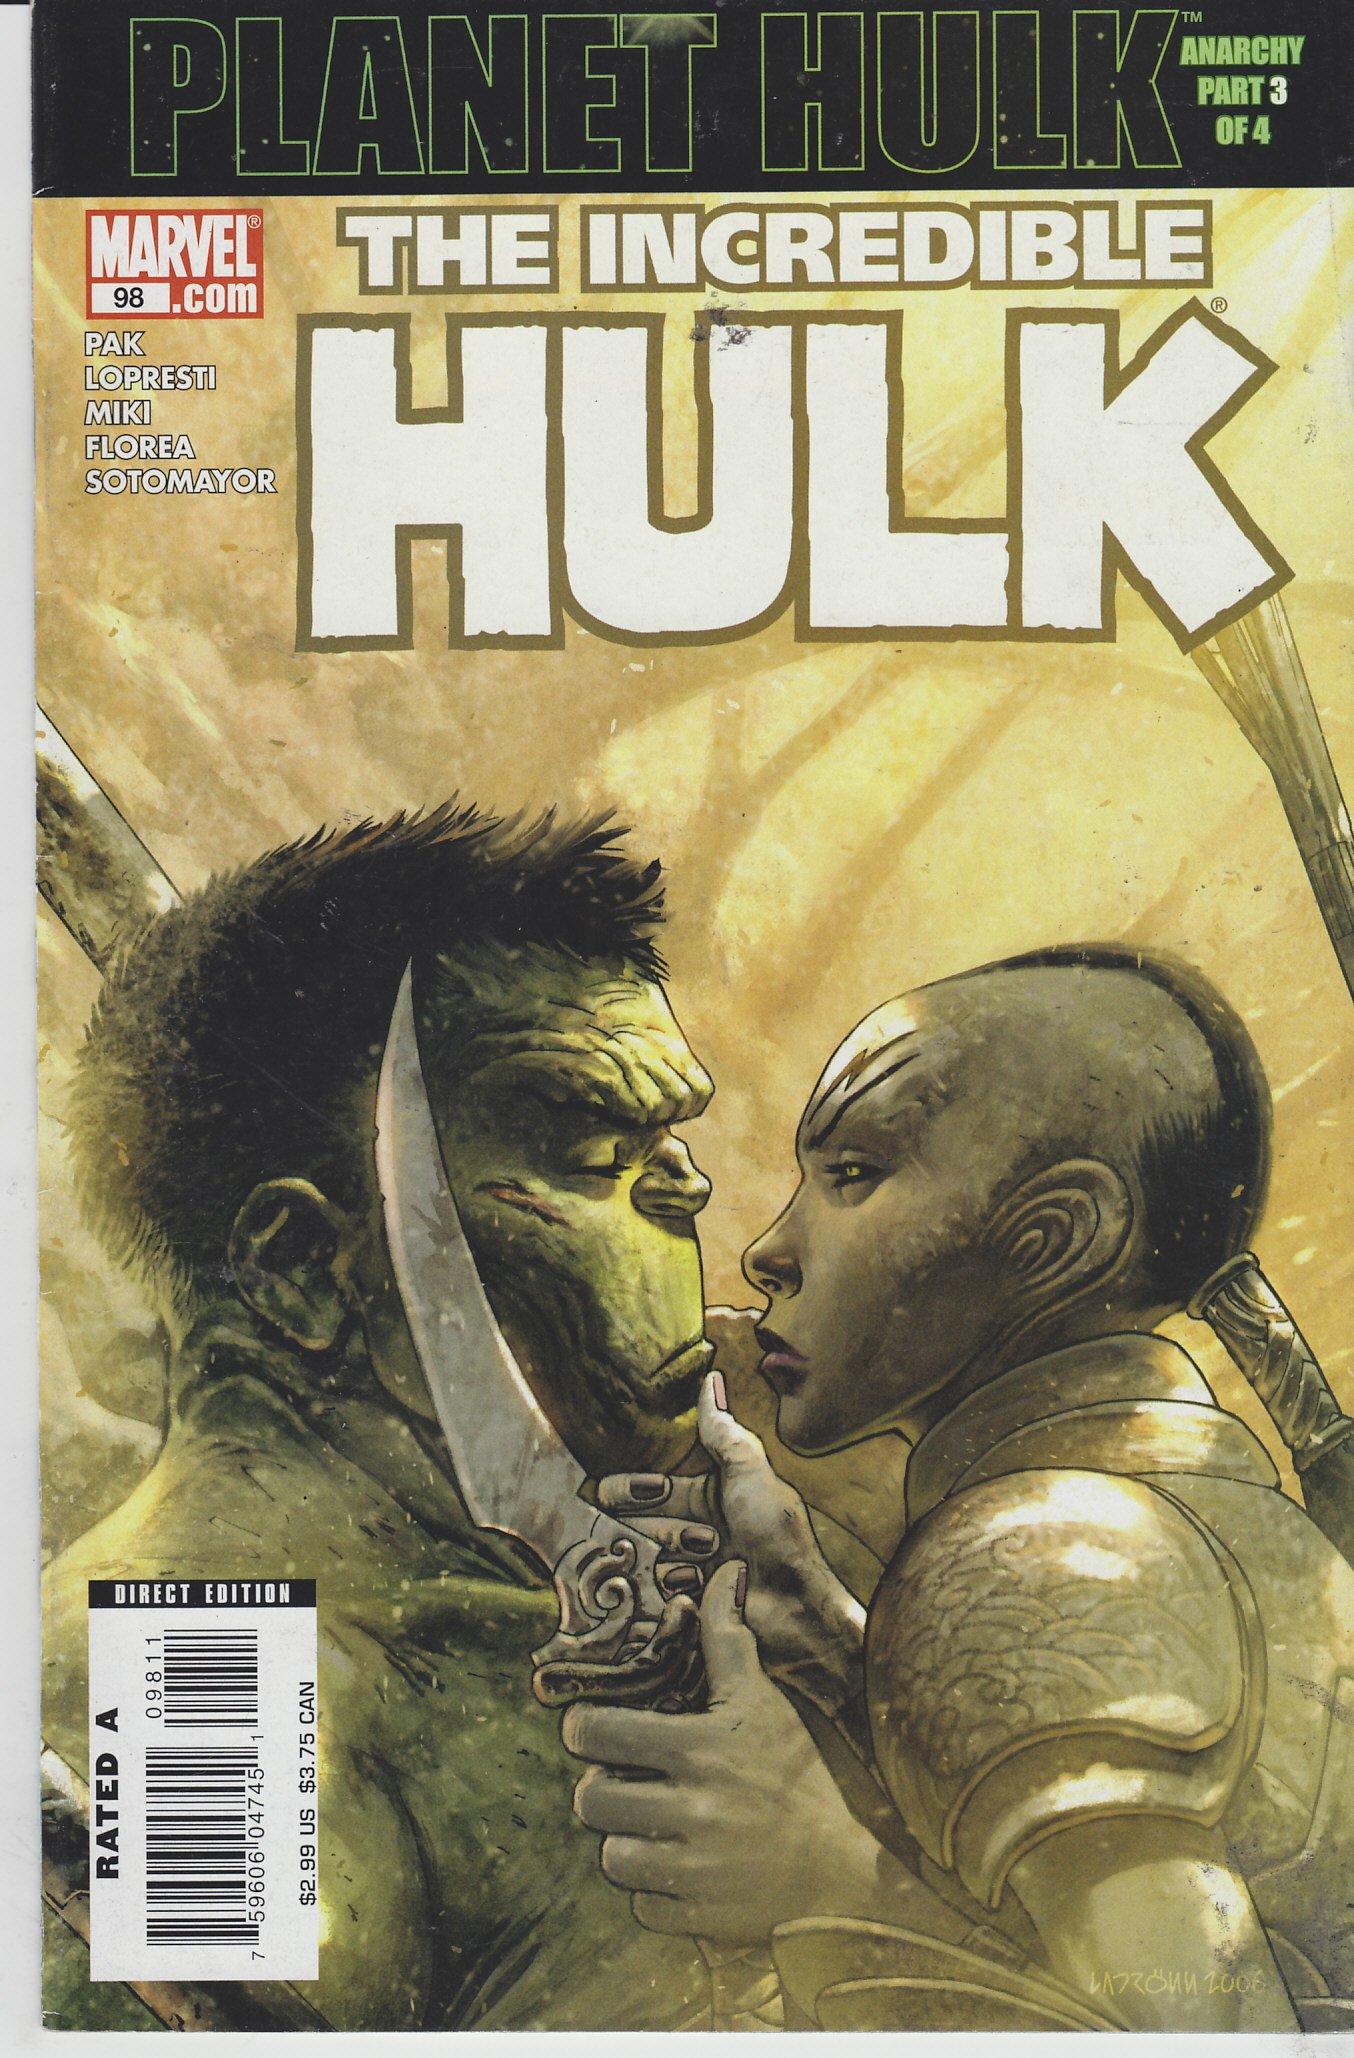 Incredible Hulk #98 Comics – September 13, 2006